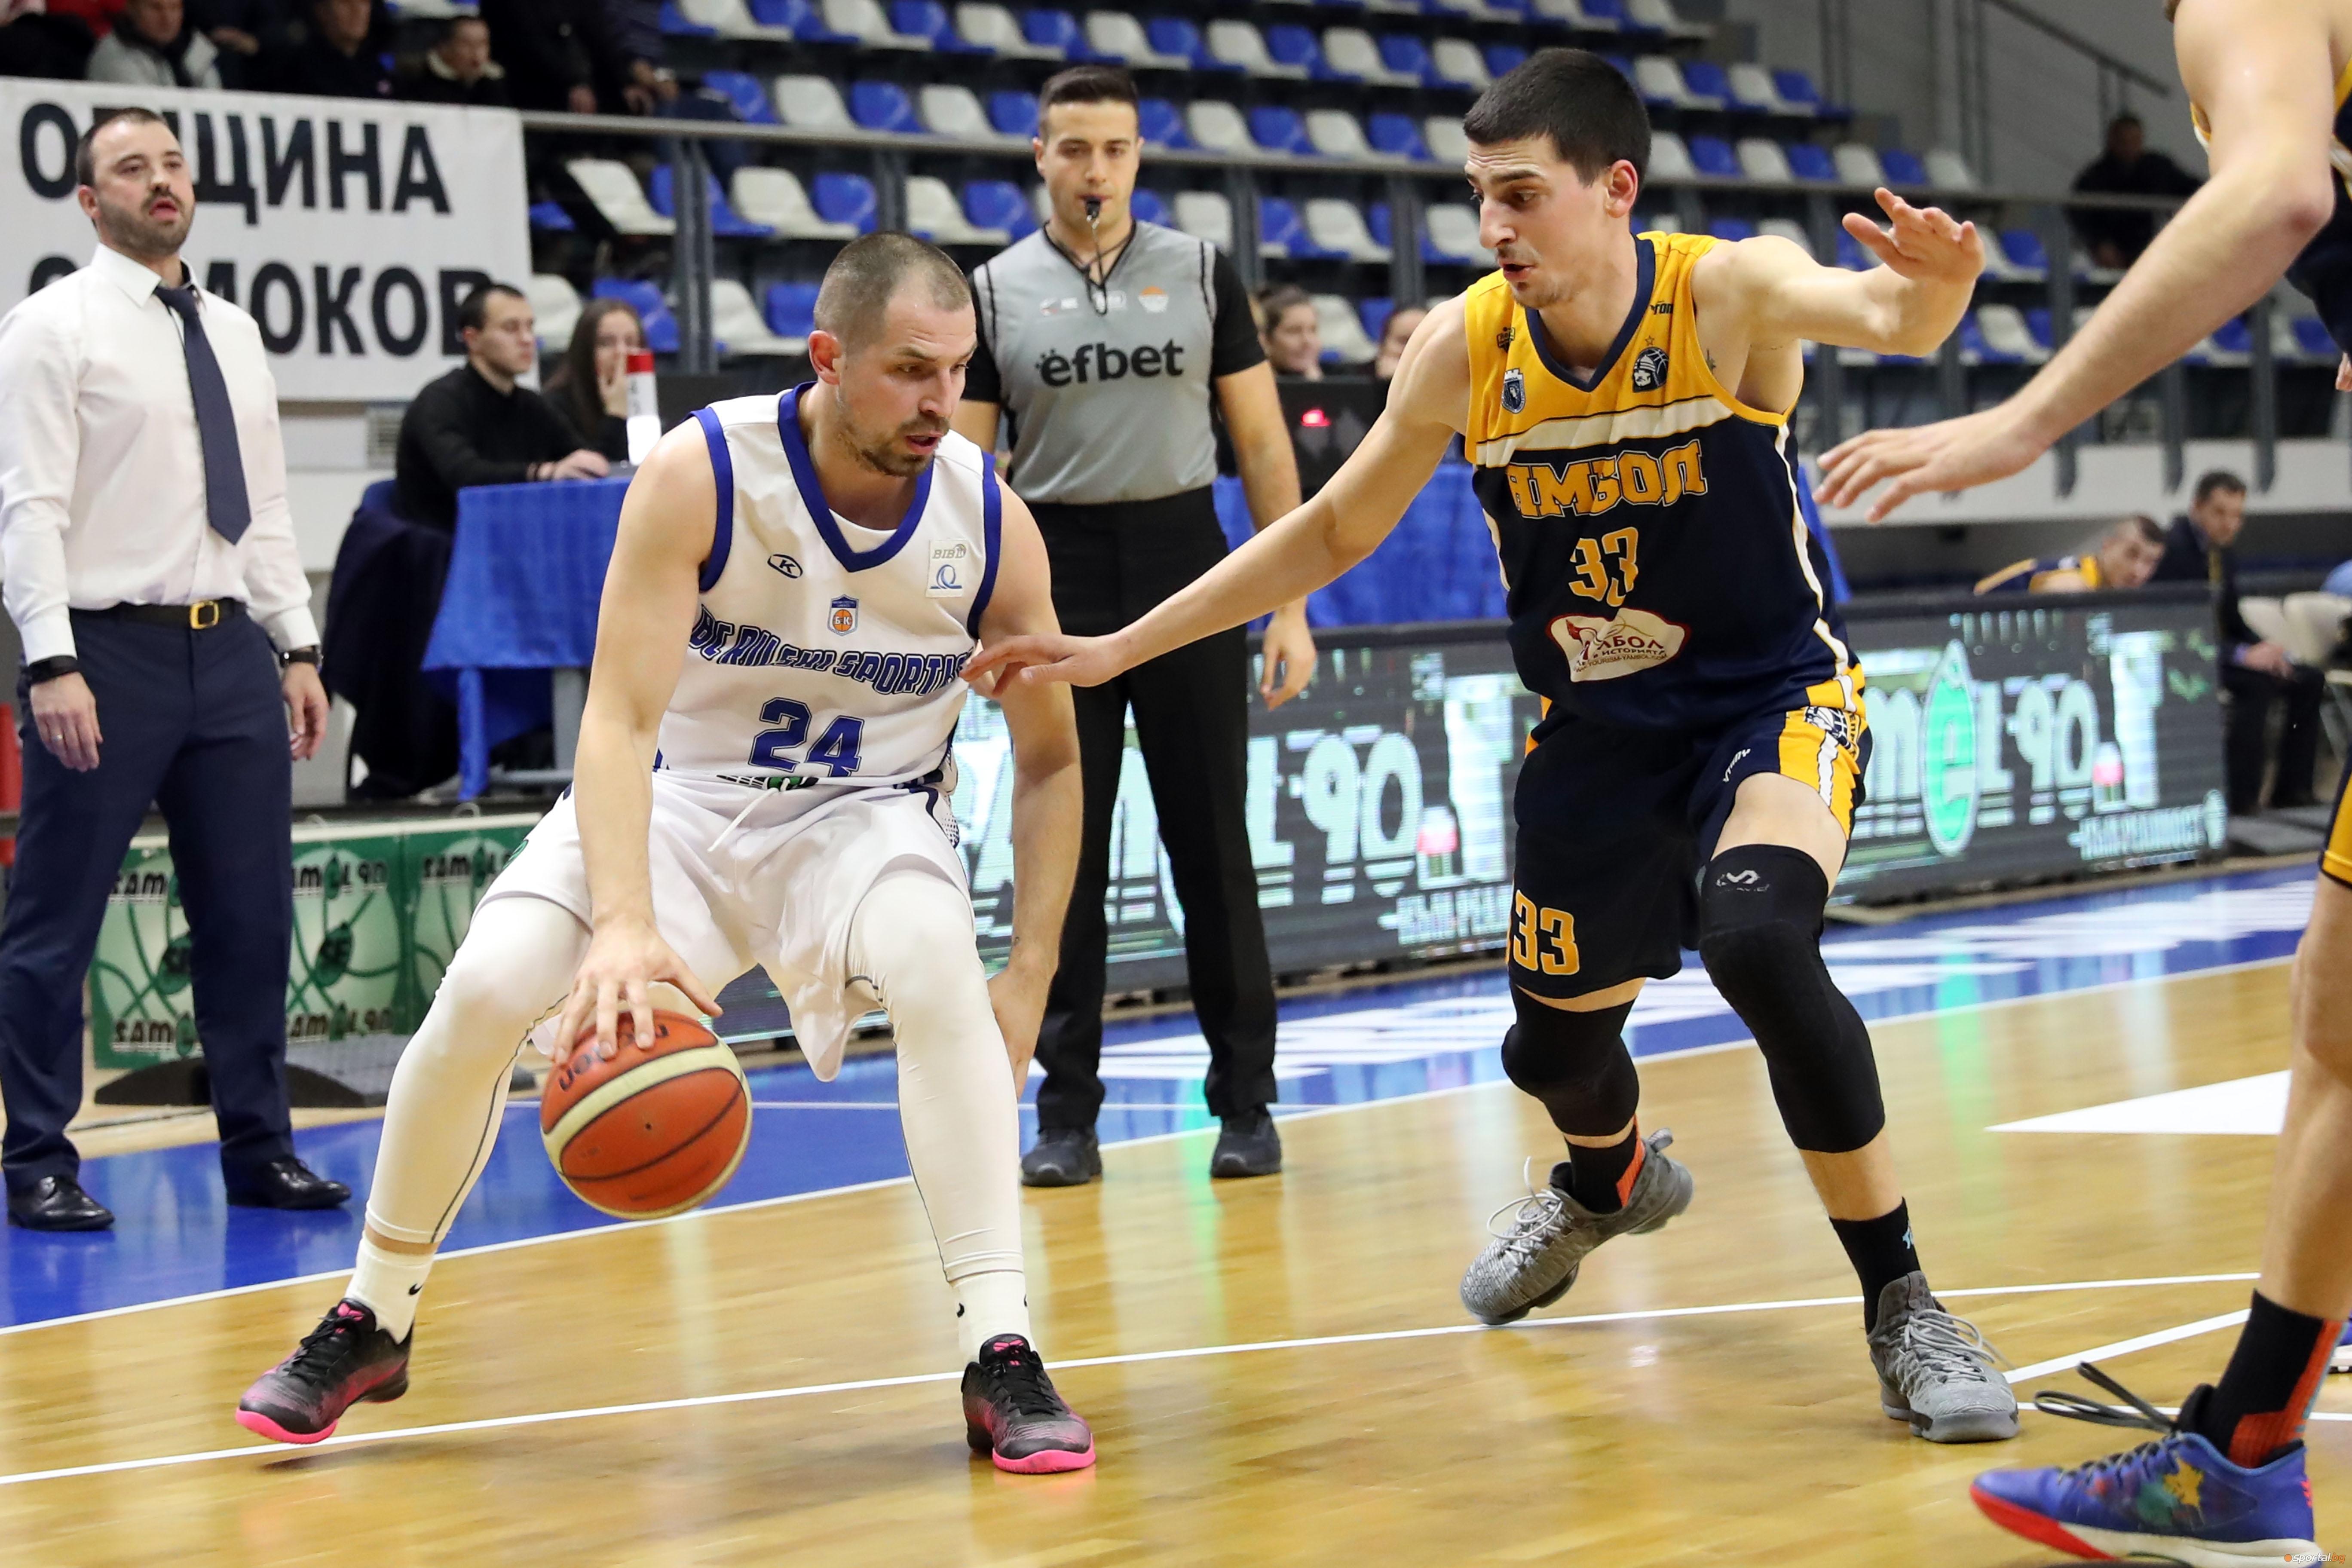 Отборът на Рилски спортист (Самоков) постигна поредна победа в Националната